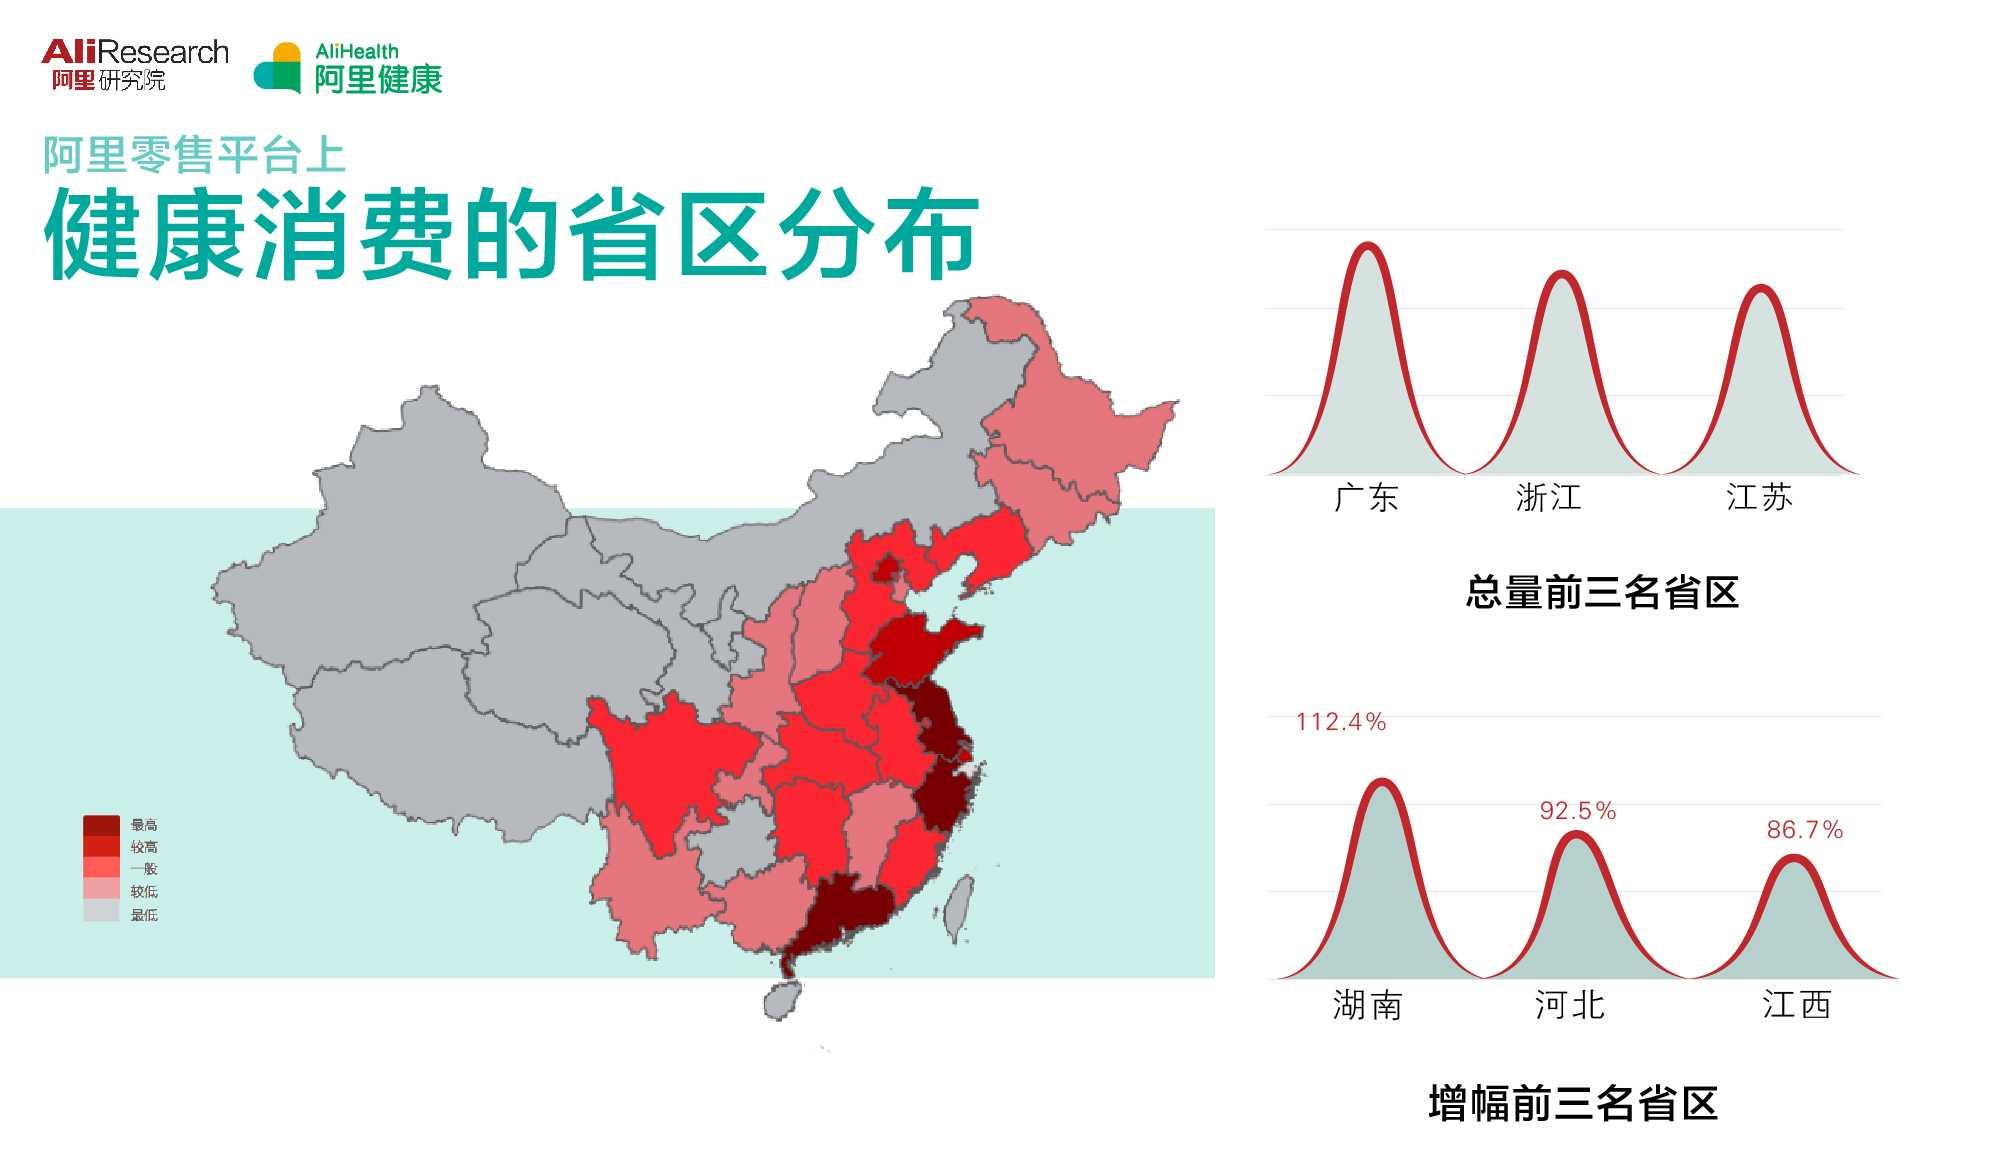 1449735009图三广东、浙江、江苏健康消费总量位居前三 (1)